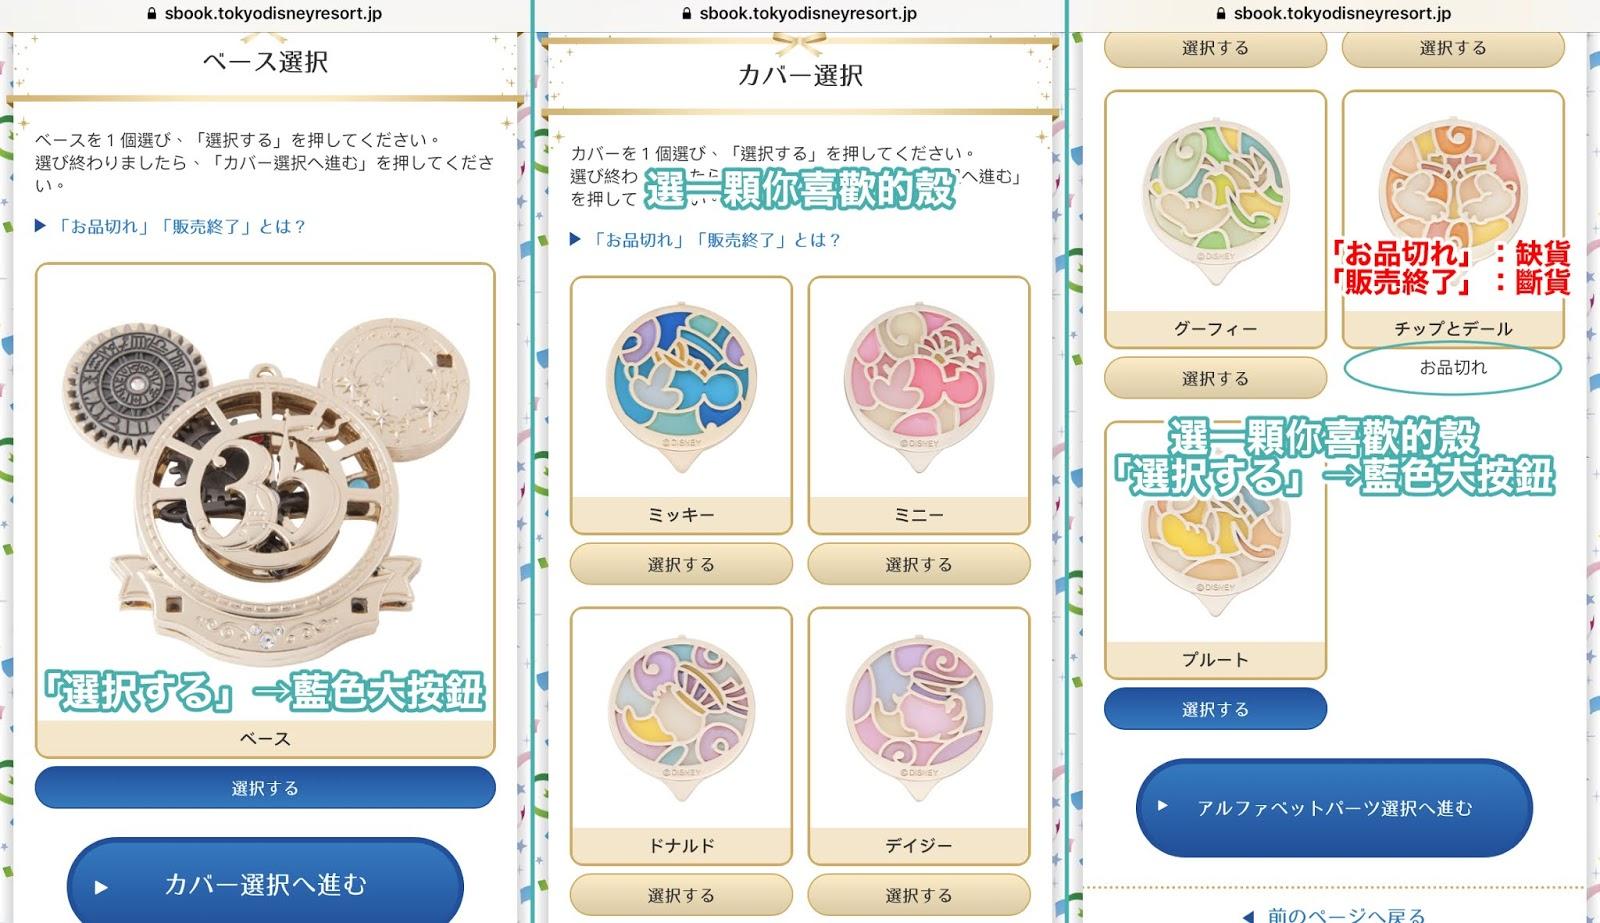 東京迪士尼35週年限定客製化懷錶吊飾【完整指南】*海外帳號註冊&線上購買教學